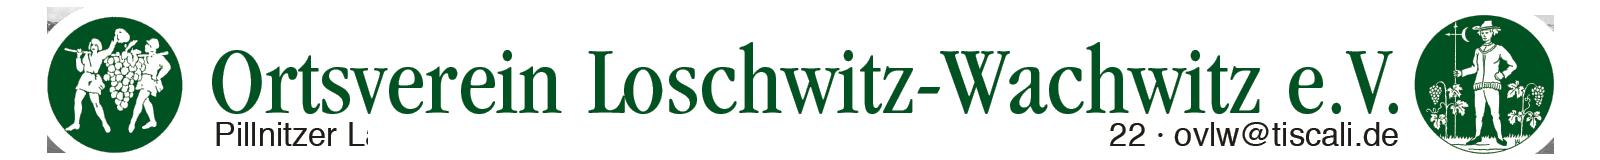 Logo des Ortsvereins Loschwitz/Wachwitz